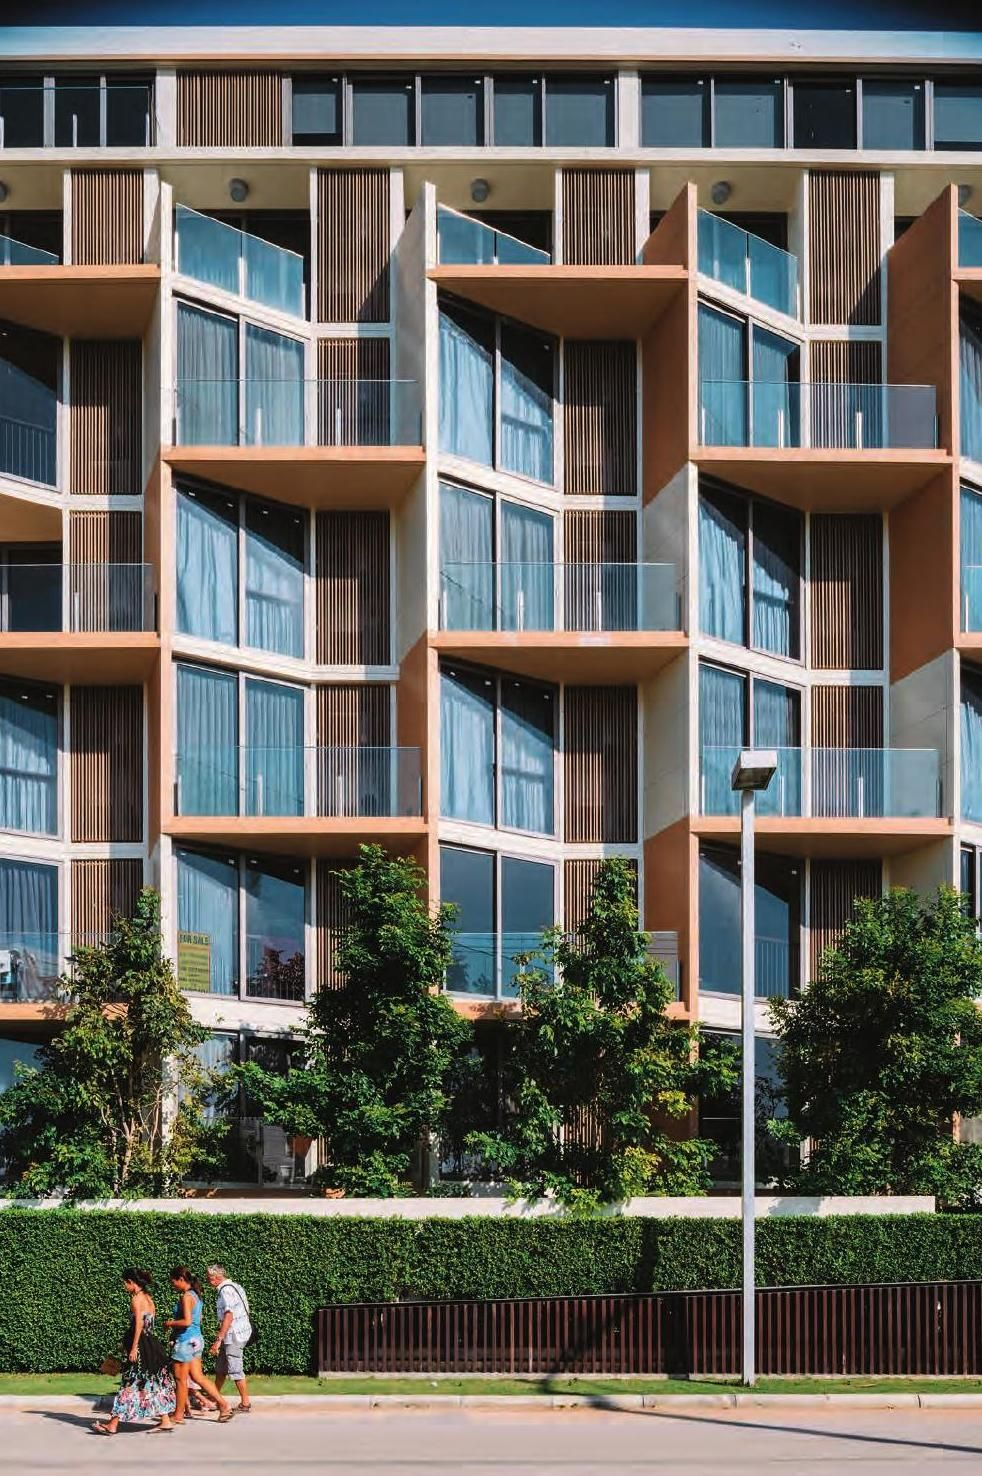 New Design Condominium | Architektur